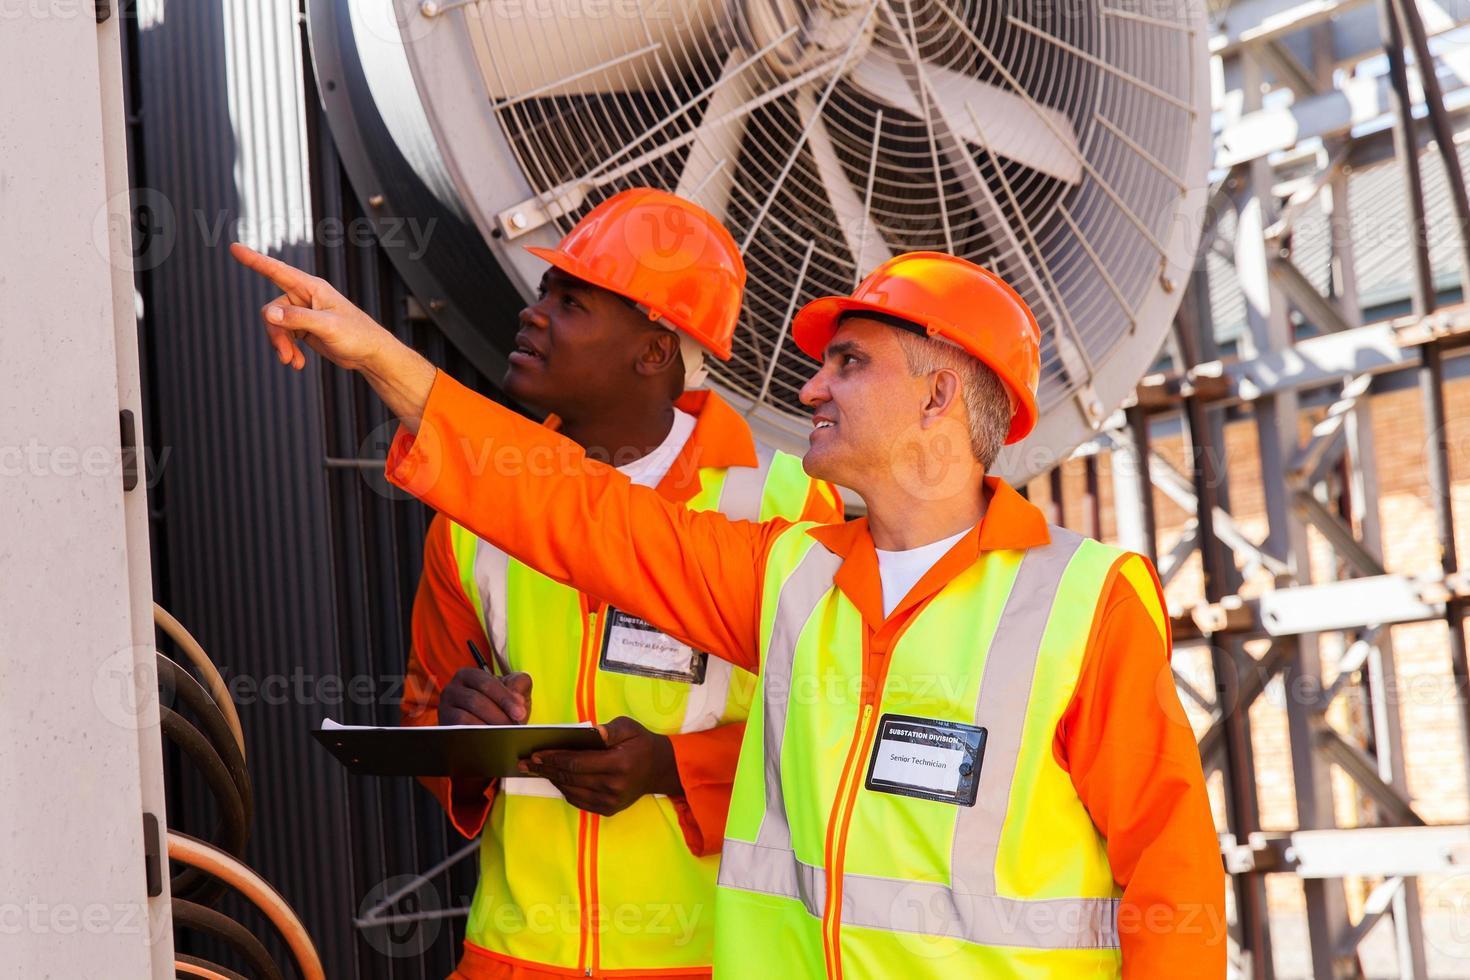 técnico sênior e jovem eletricista trabalhando na usina foto